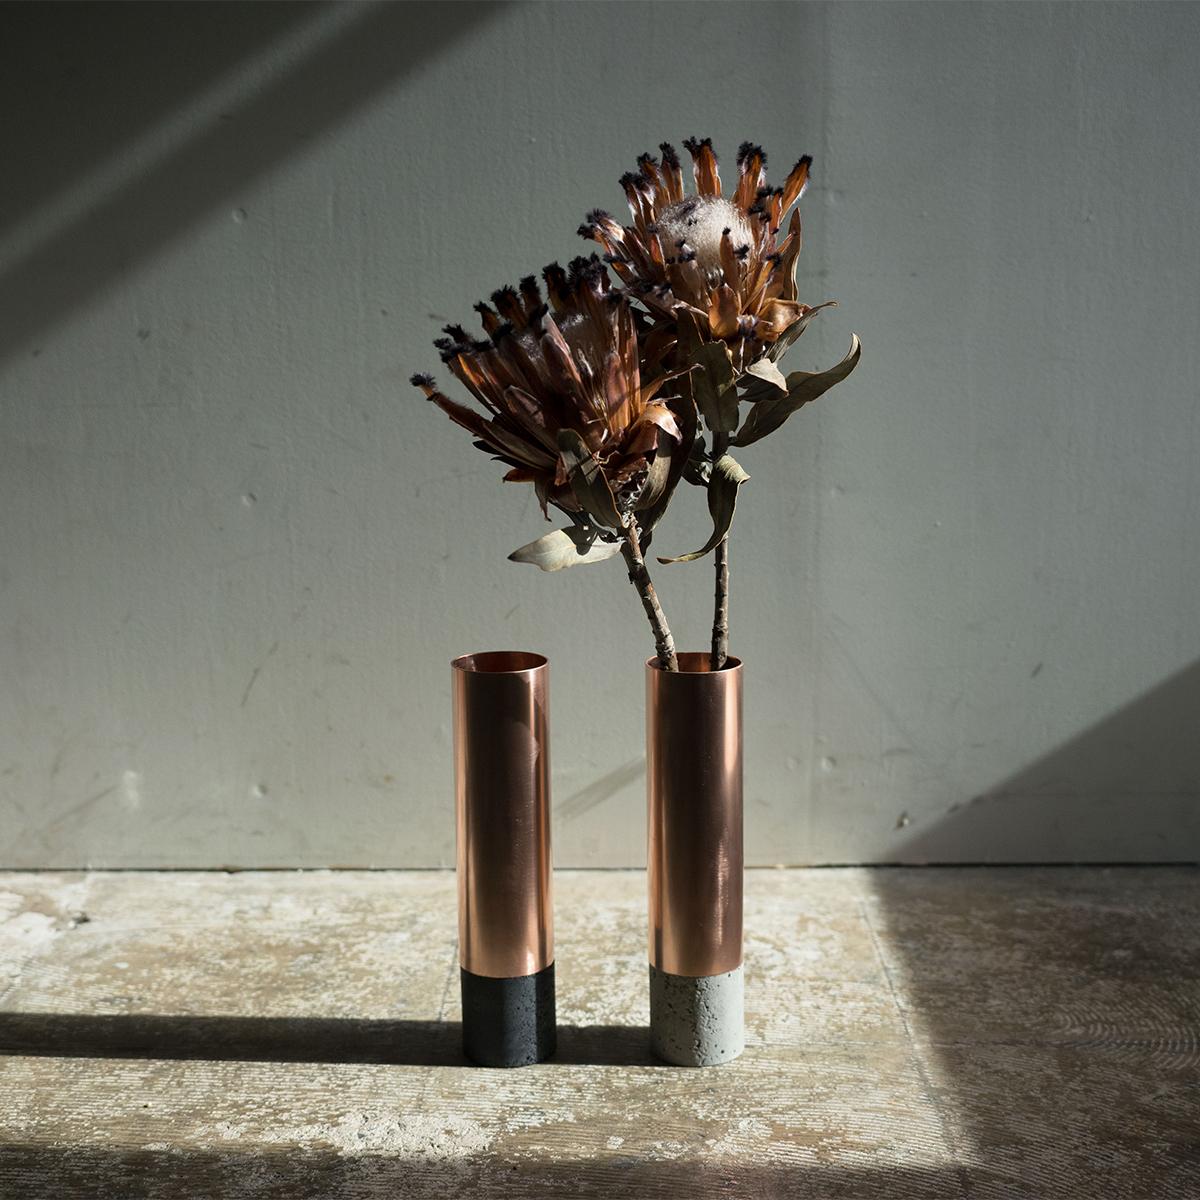 カフェ経営者をはじめとするビギナーたちの声をきっかけに、誰もが気軽に植物のある生活をはじめられるよう生まれた。無造作に挿すだけで「絵」になる、銅管の一輪挿し・花瓶・フラワーベース|BULBOUS